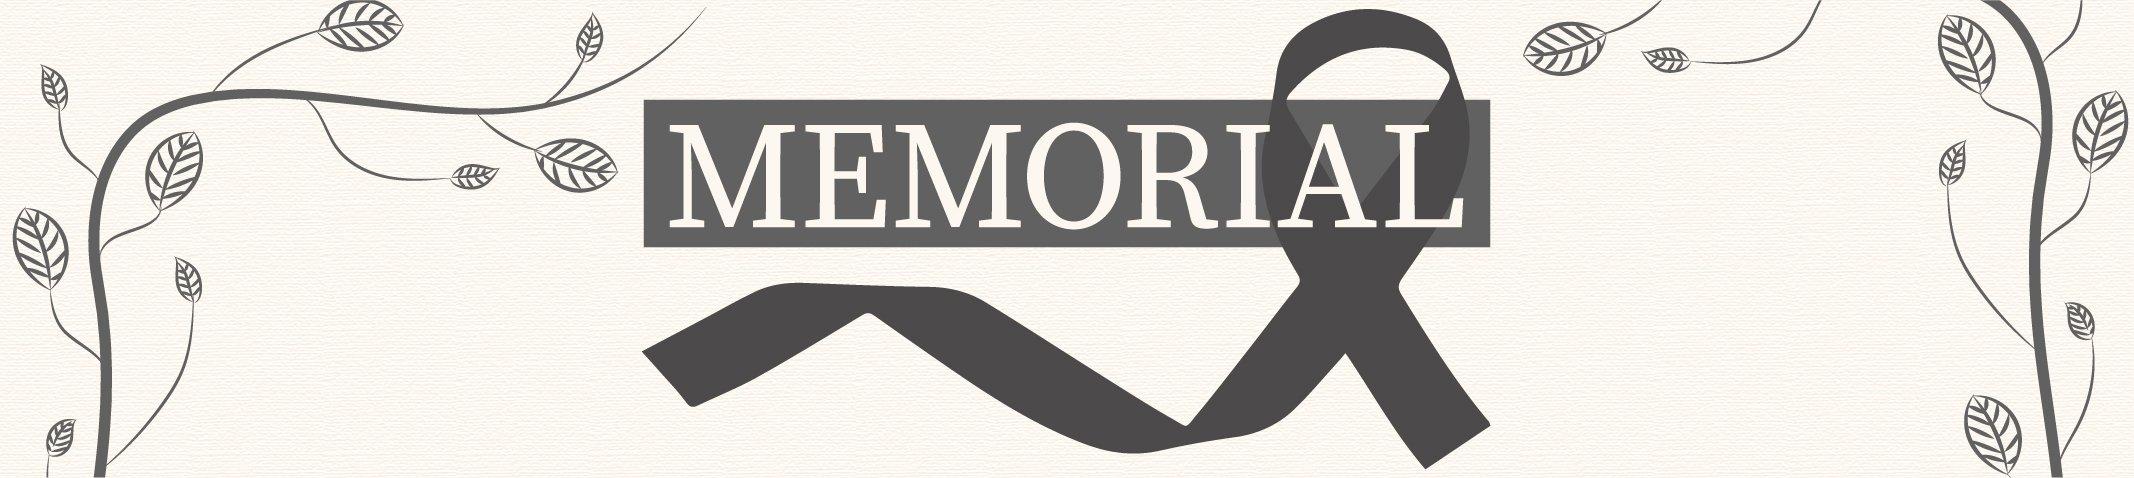 Banner memorial